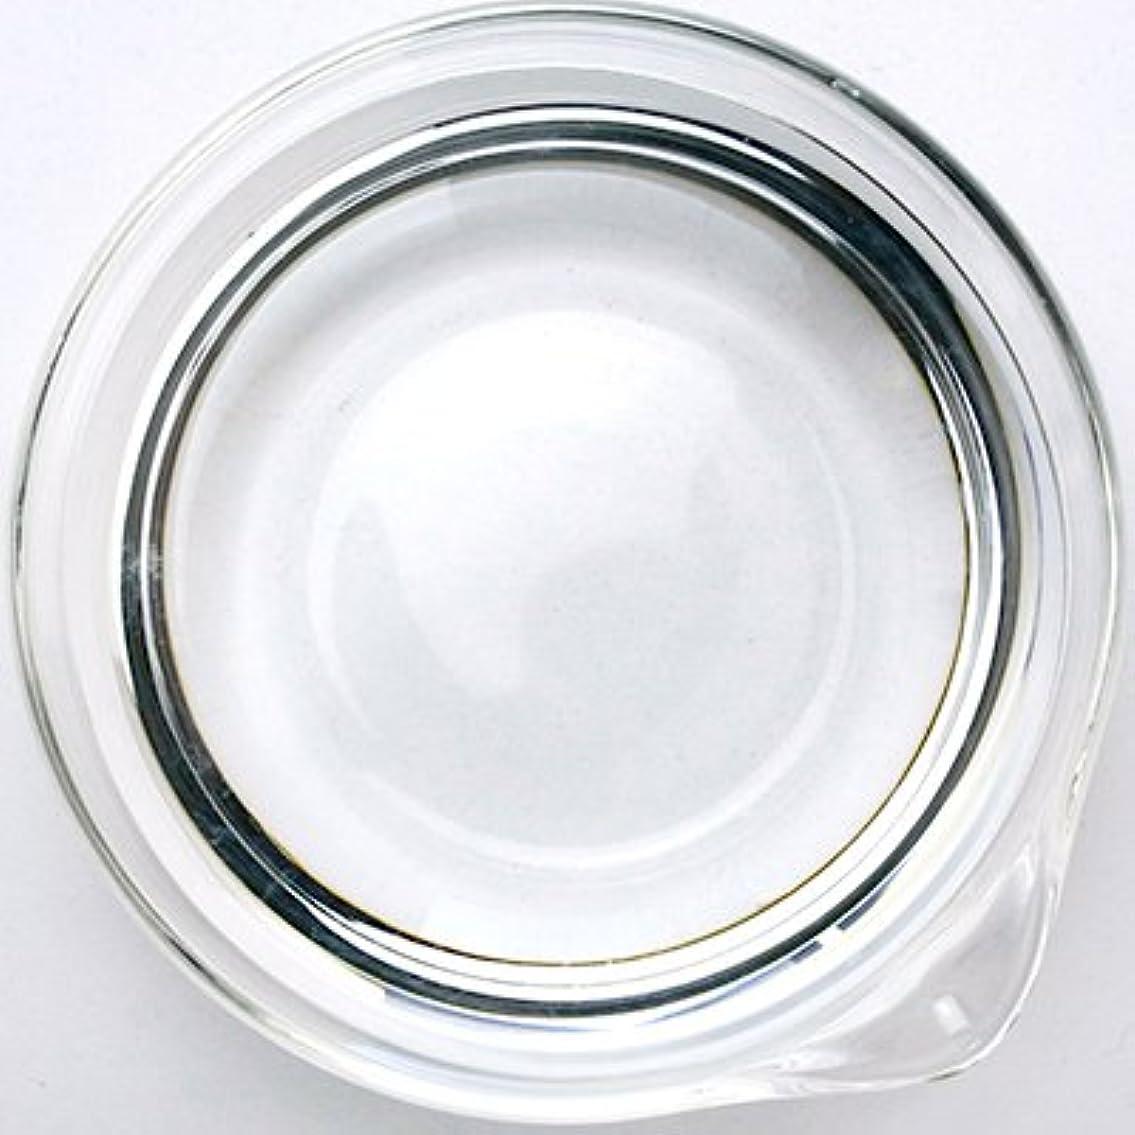 マッサージ葉巻加速する1,2-ヘキサンジオール 50ml 【防腐剤/抗菌剤/保湿剤/手作りコスメ】